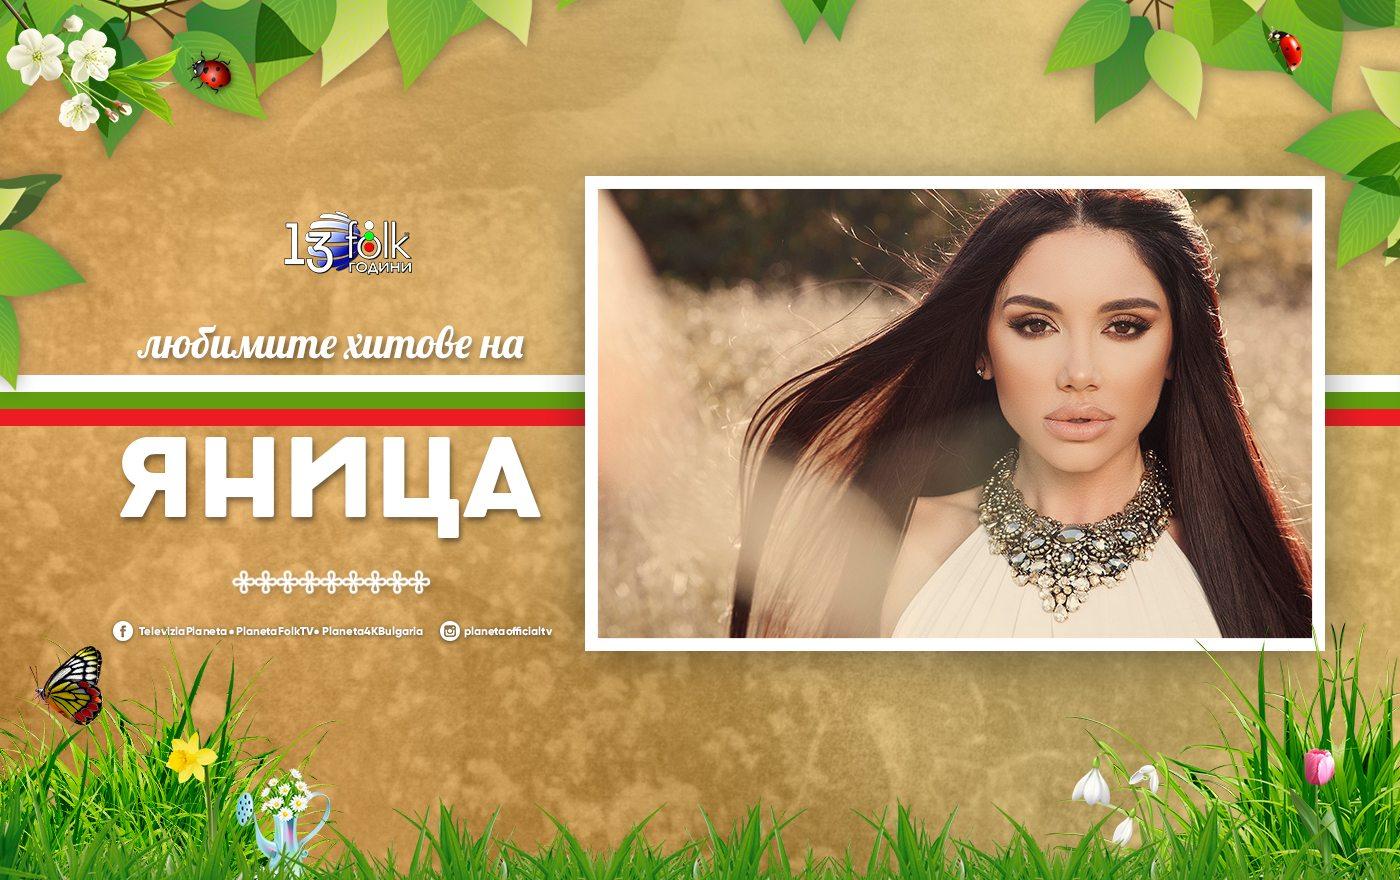 Красотата на България вдъхновява Яница